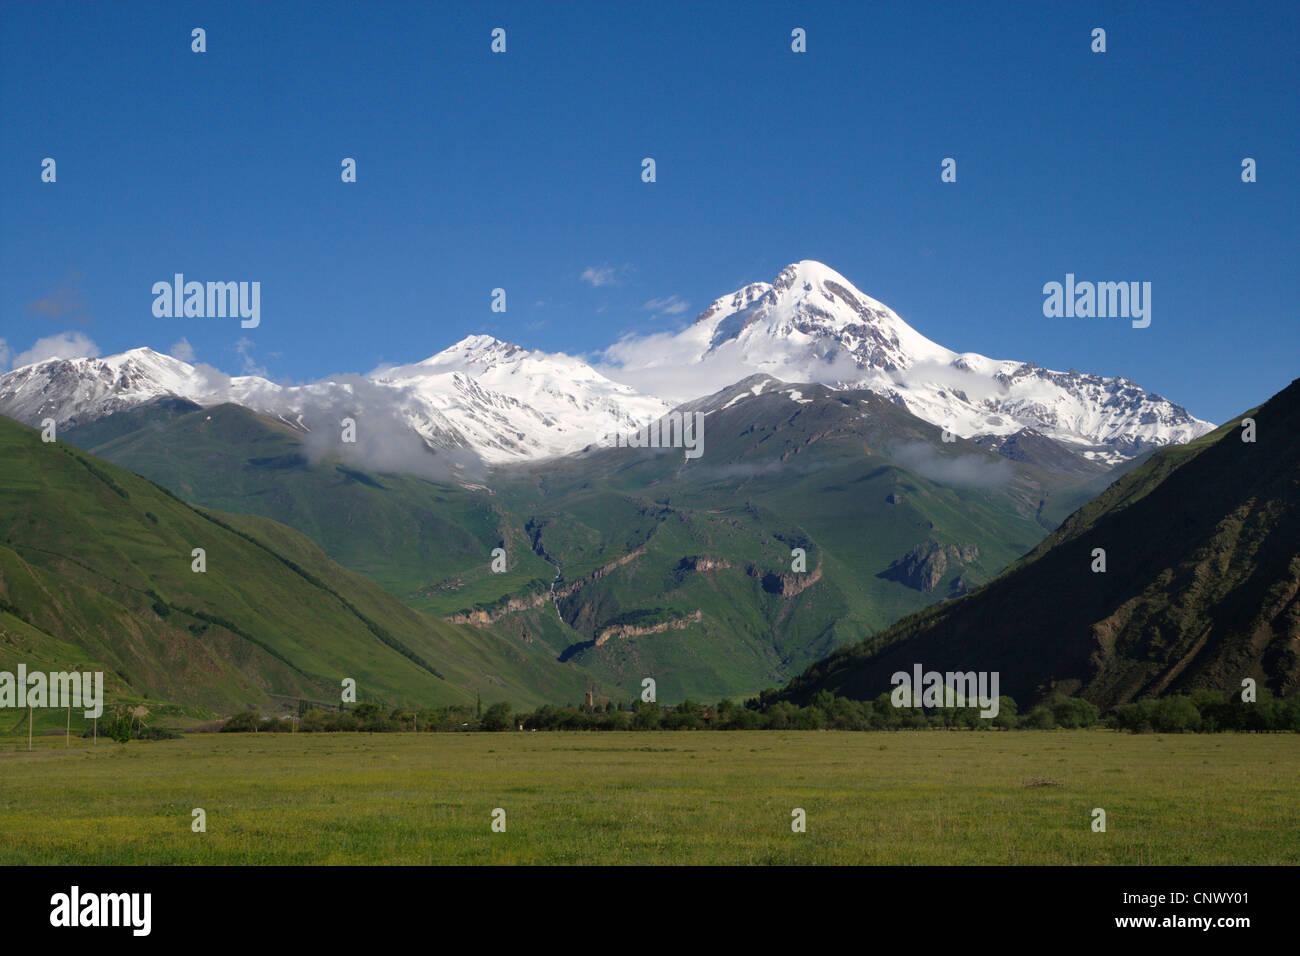 dormant stratovolcano Mount Kazbek (5.047 m) in the Caucasus Mountains, Georgia, Qasbegi - Stock Image